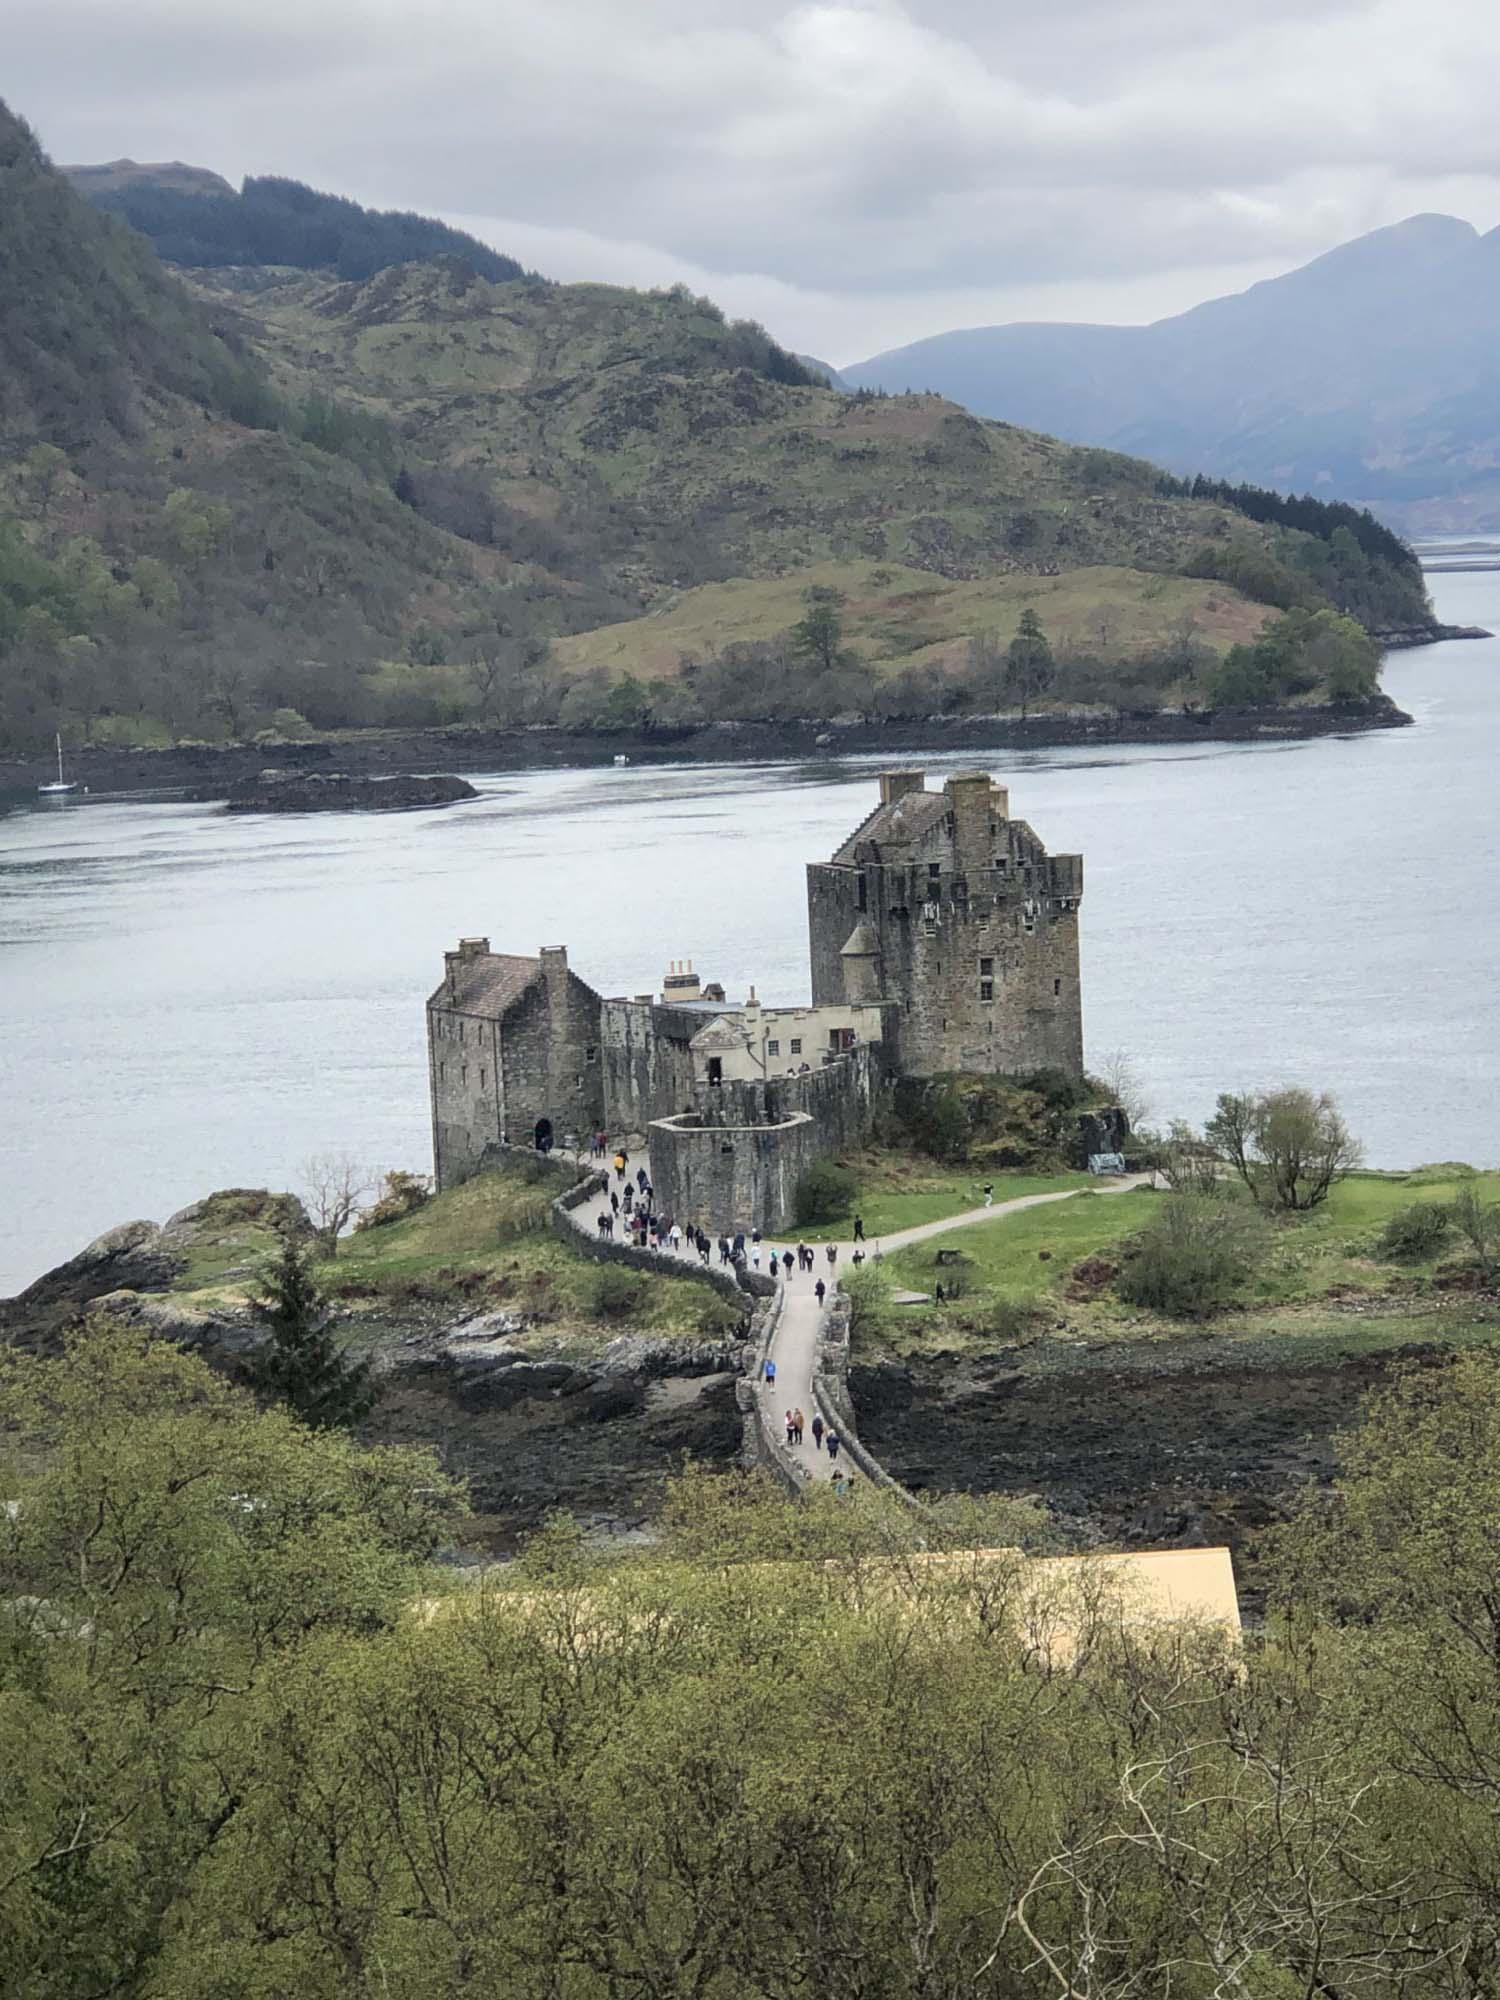 Castles galore